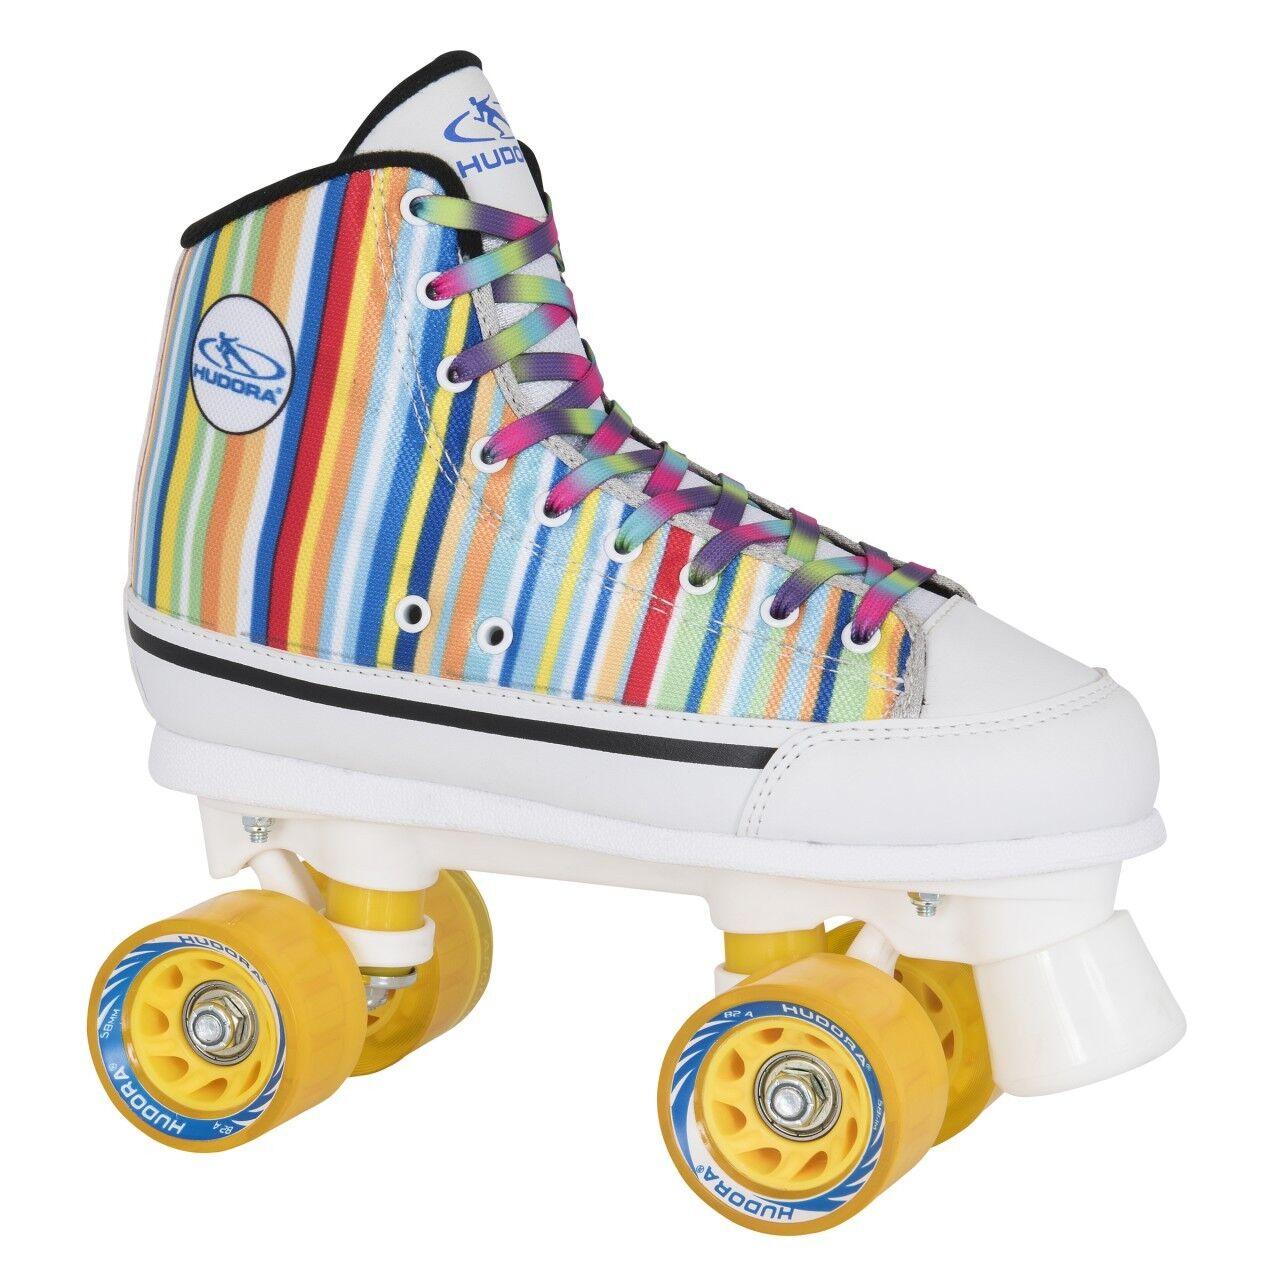 HUDORA Rollschuhe Rollschuhe HUDORA Roller Skates Candy-Stripes Gr. 36 ed0b88